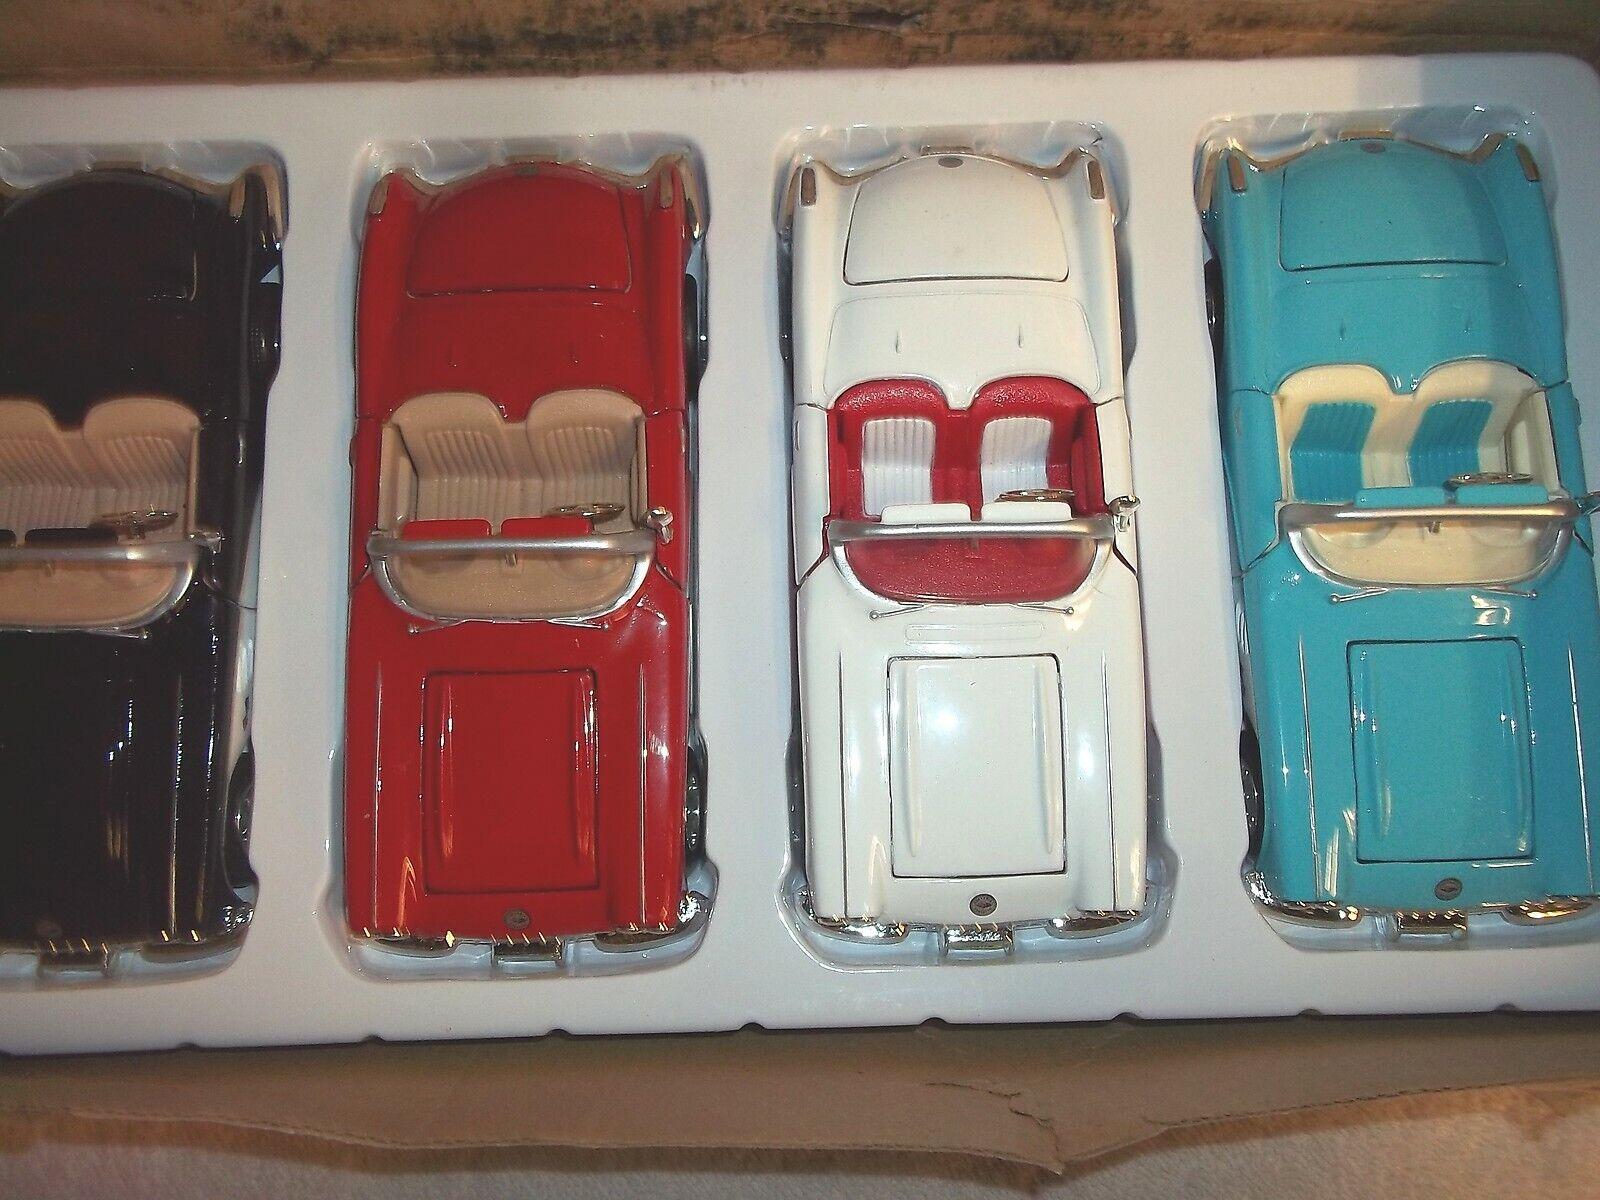 1959 Chevy Corvette Converdeible Die Cast Car 1 24 Scale 4 Cars M036